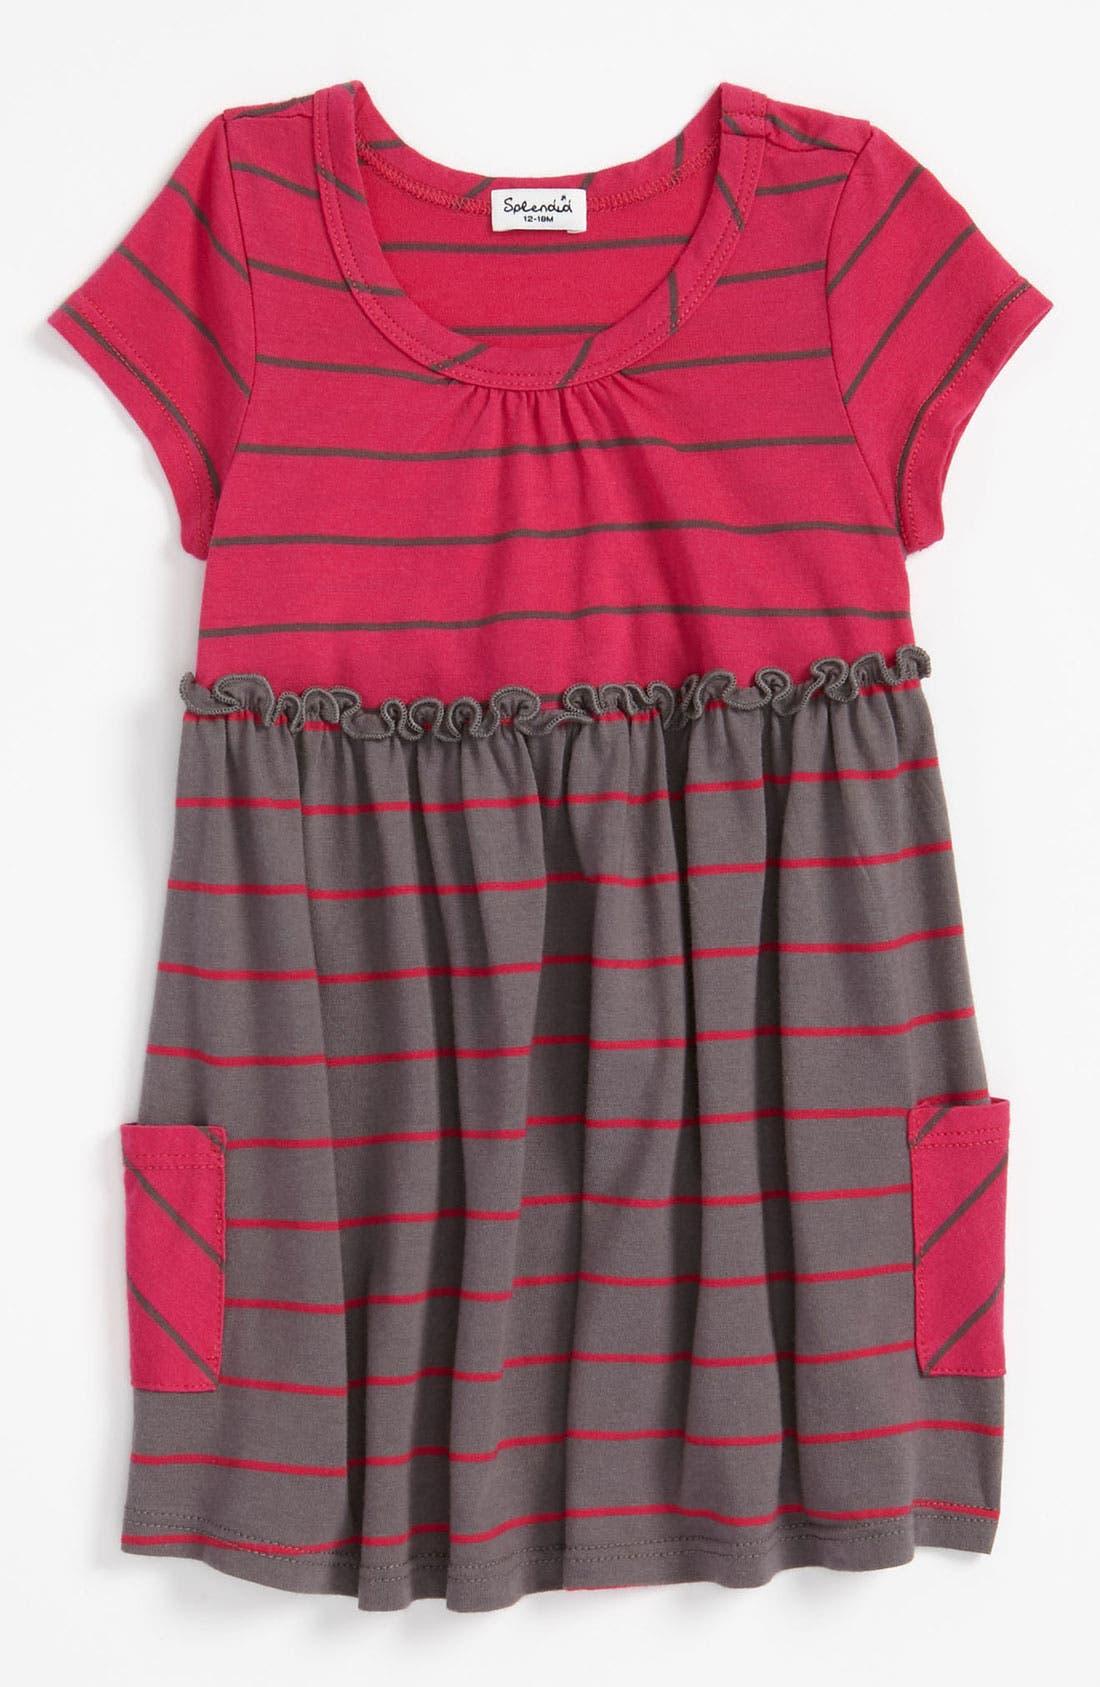 Alternate Image 1 Selected - Splendid 'Lacrosse' Stripe Dress (Infant)